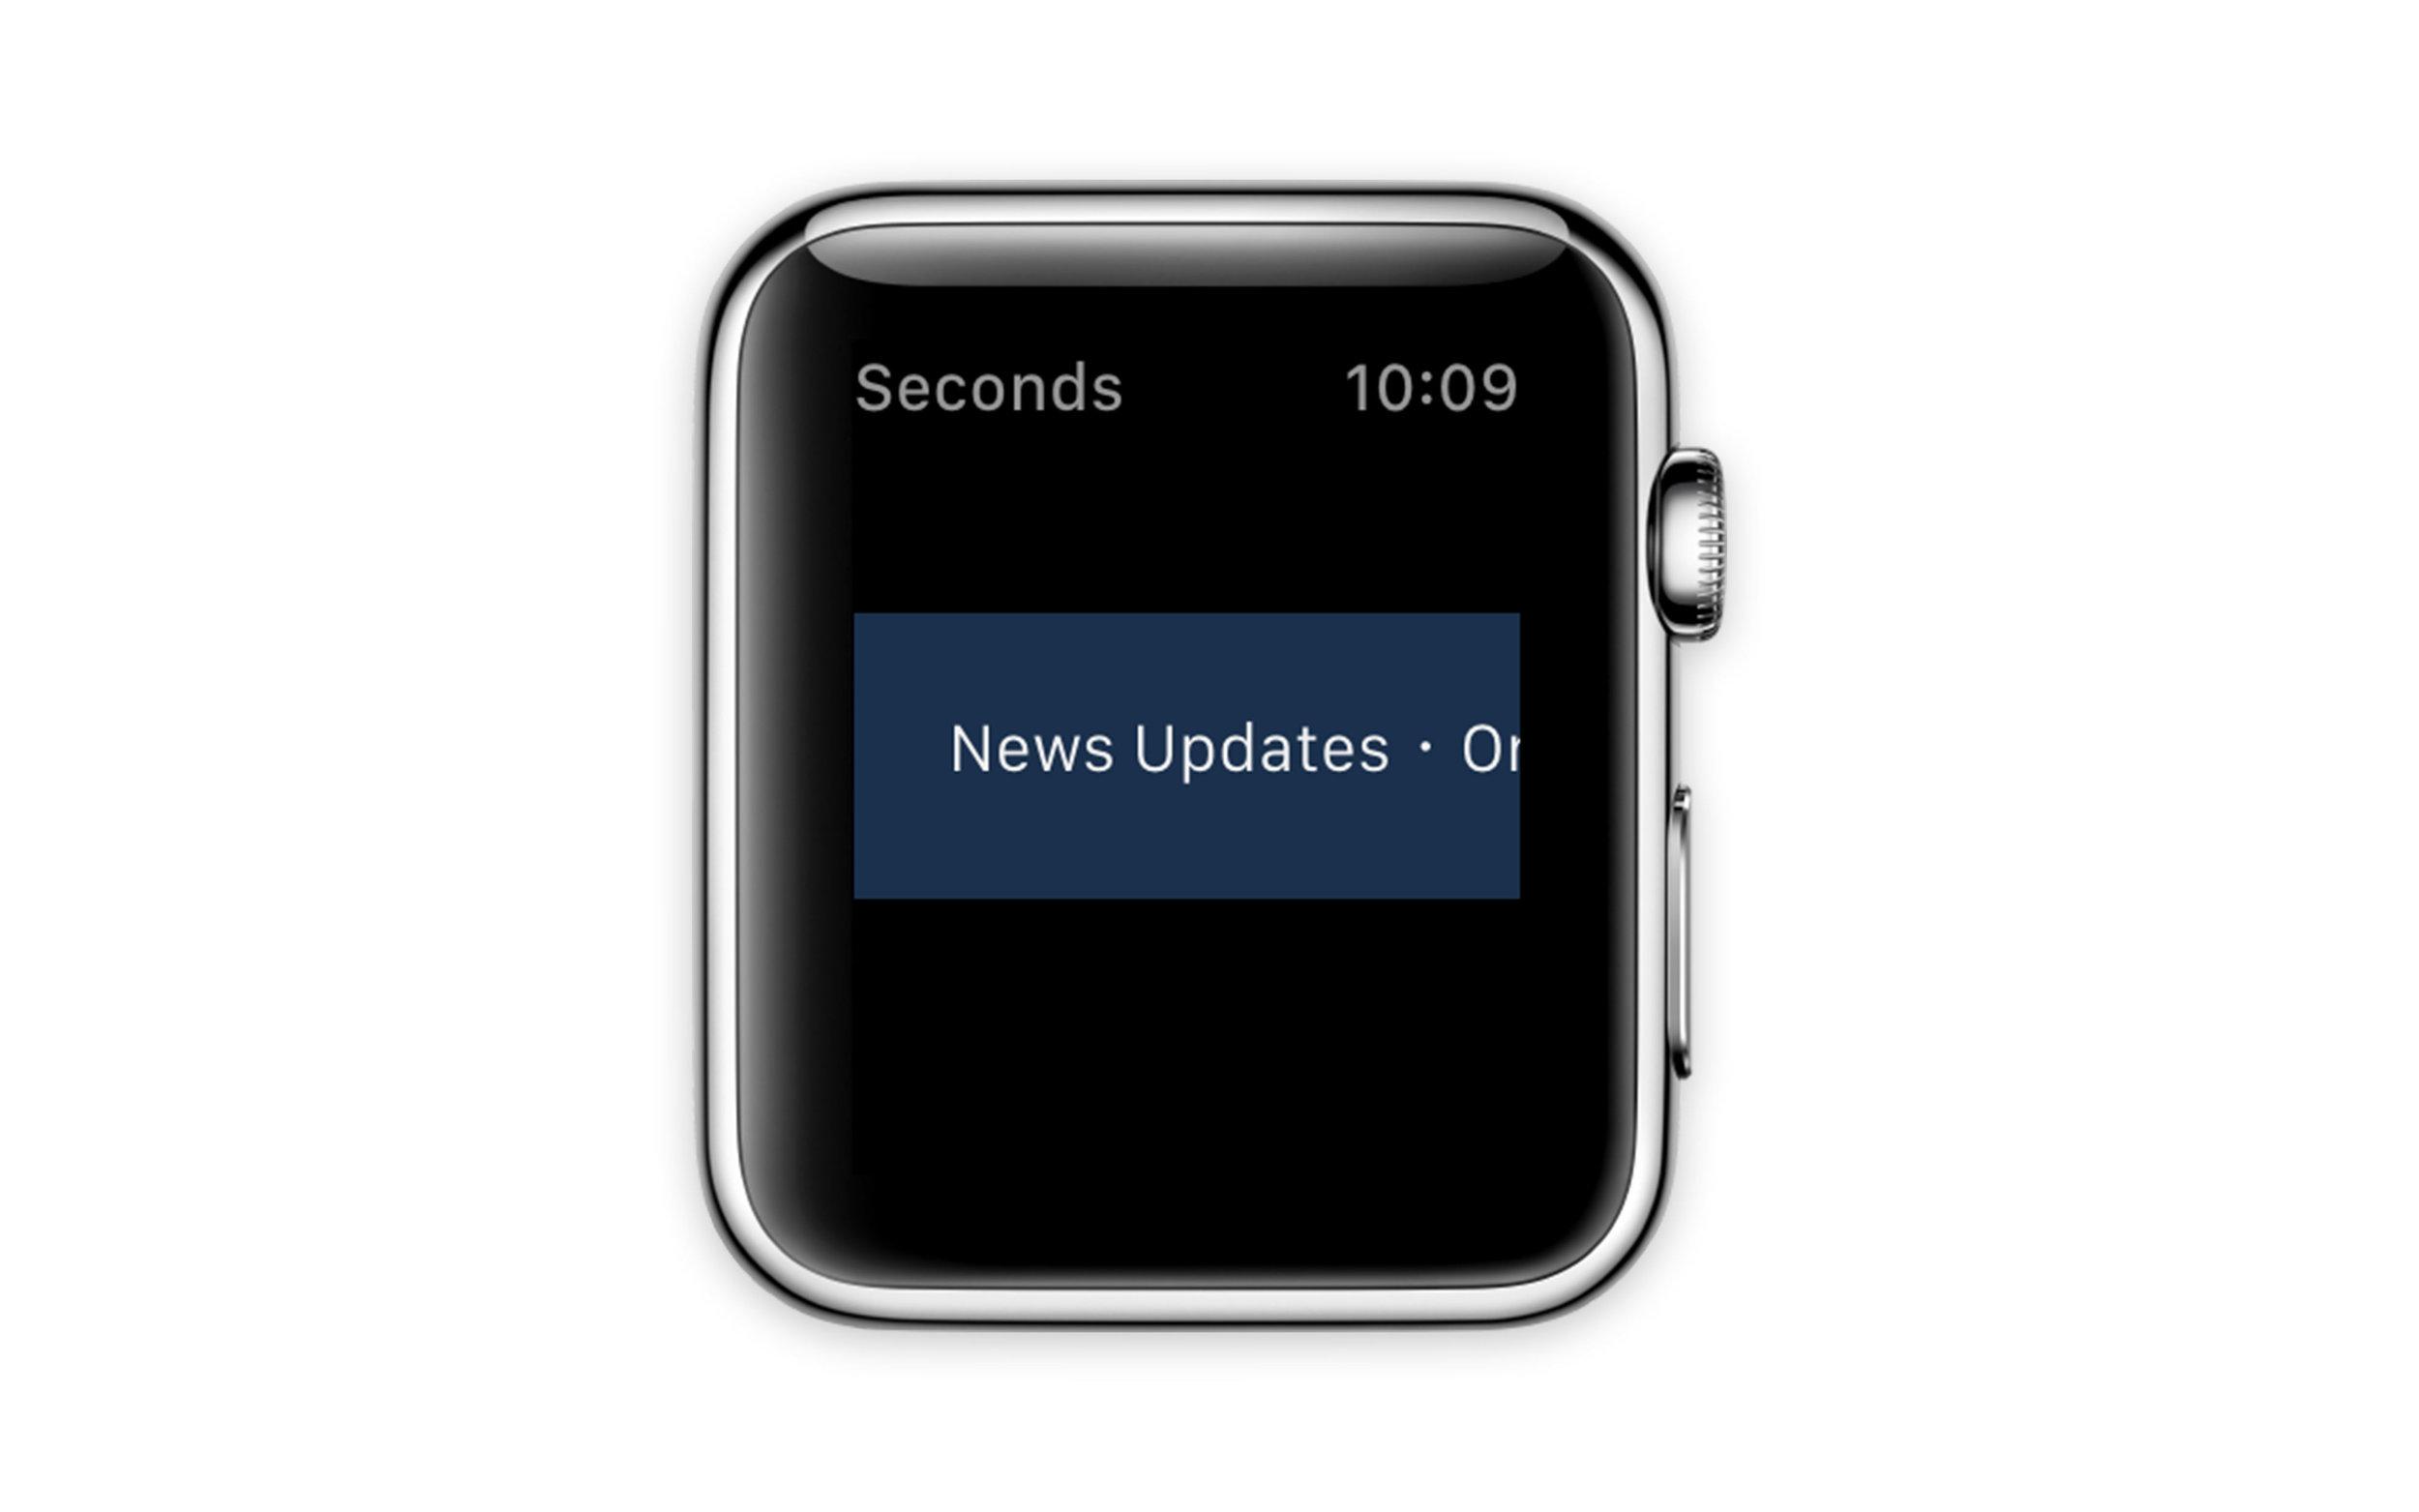 apple watch-seconds mockup.jpg